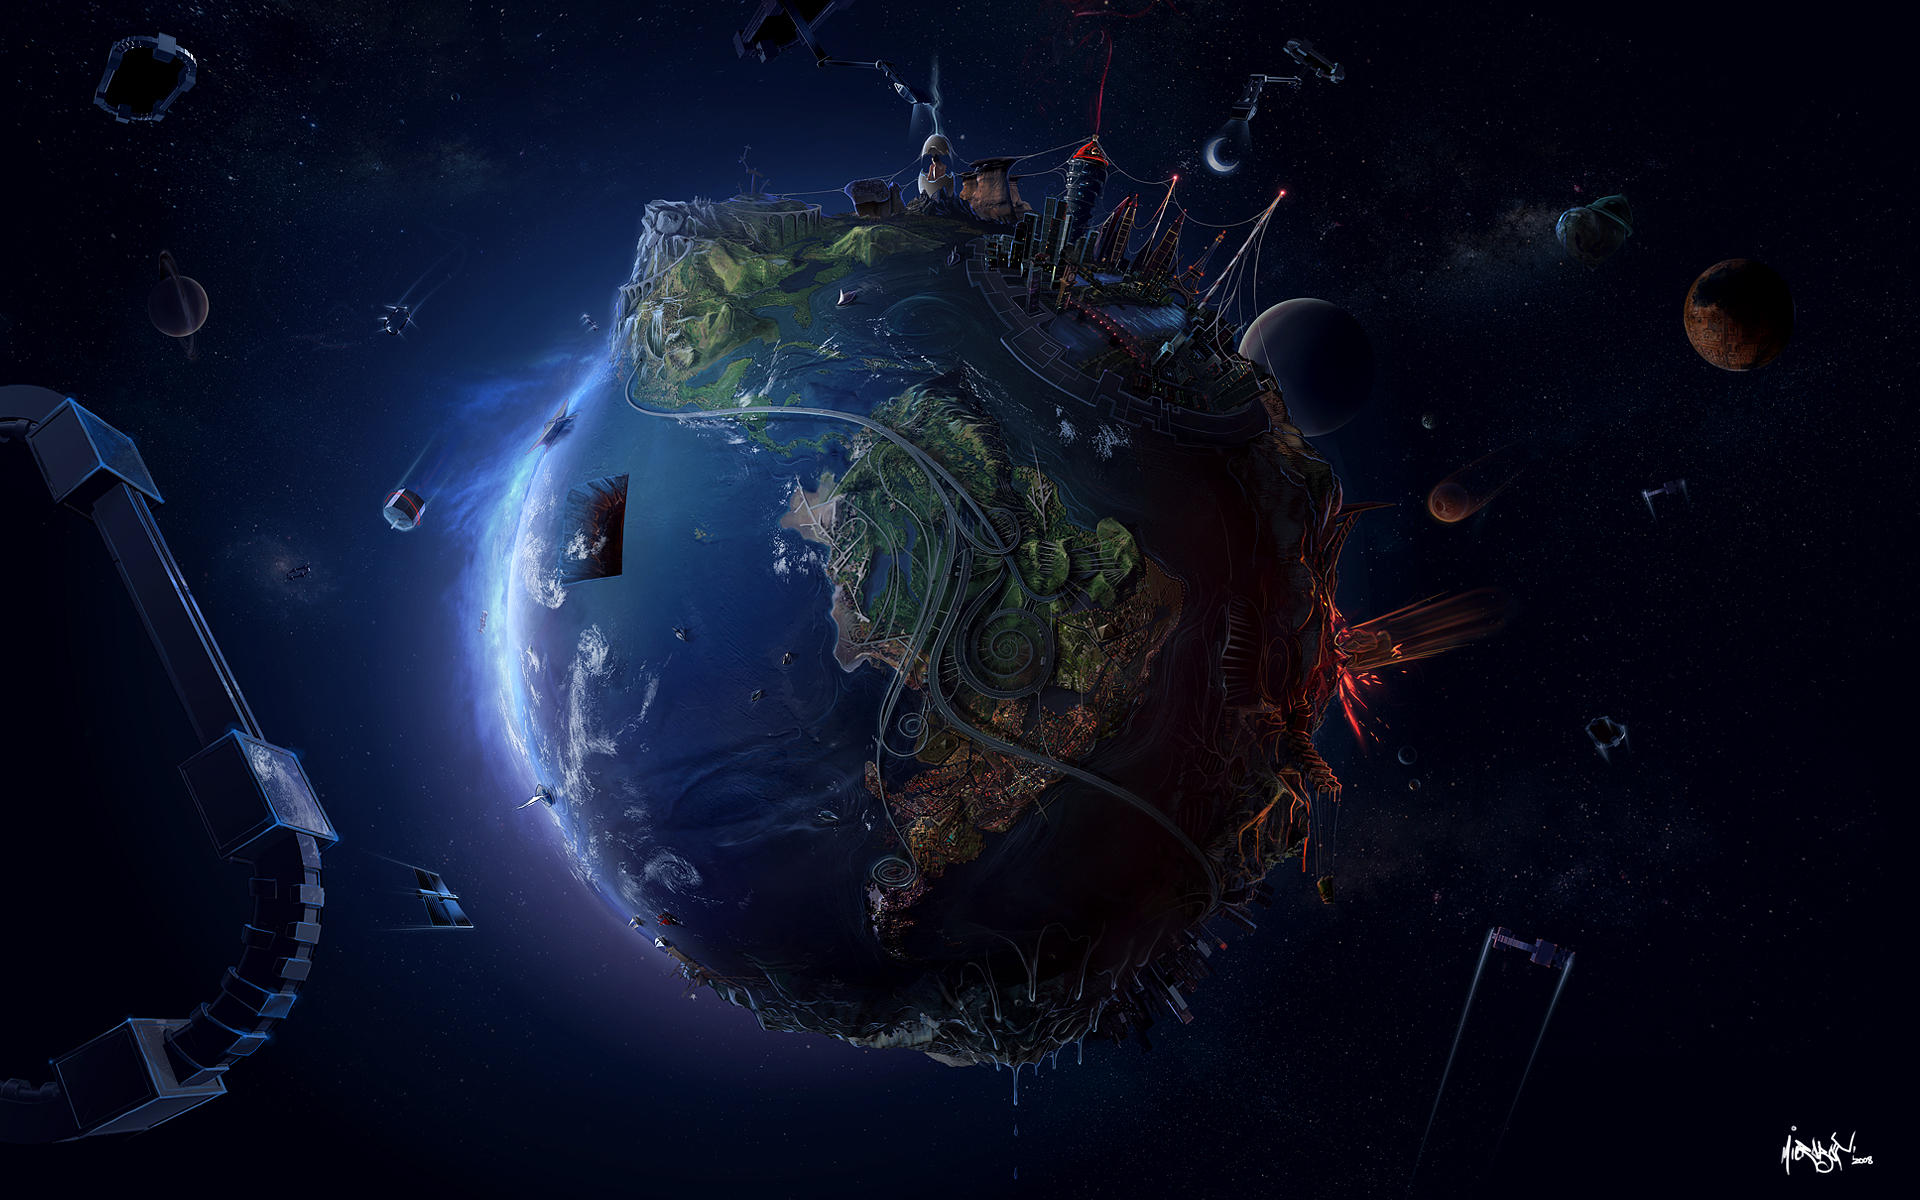 Earth, Земля, фото, обои для рабочего стола, космос